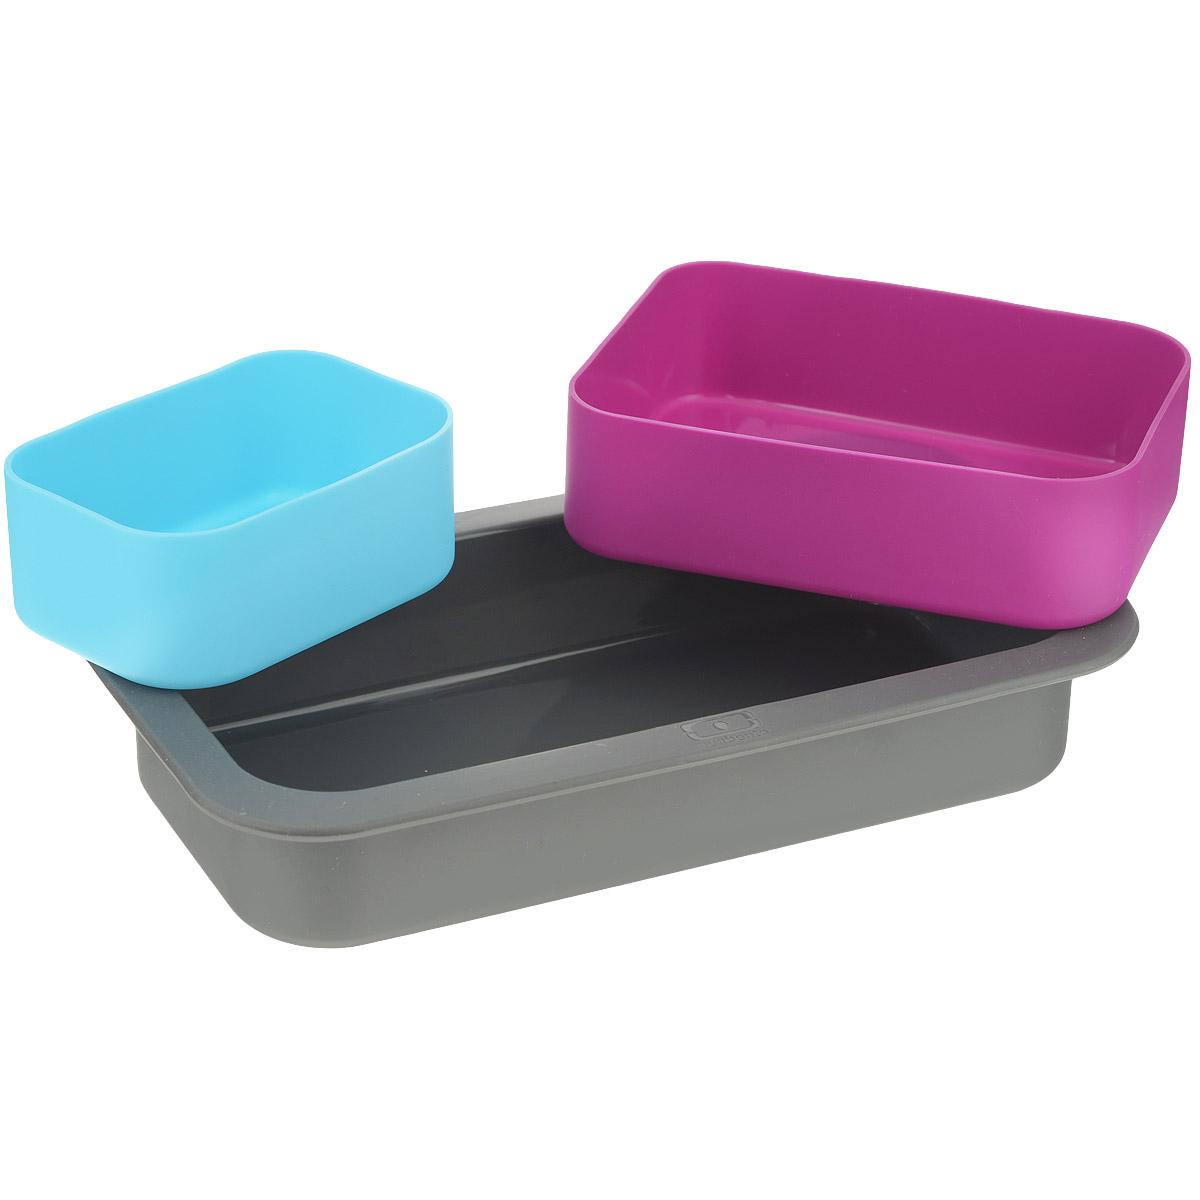 Набор форм для выпечки Monbento Original, цвет: серый, голубой, фуксия, 3 шт1009 00 000Набор форм для выпечки Monbento Original состоит из трех высококачественных силиконовых форм. Такой набор подходит для приготовления пирогов, желе, кексов, запеканок и других блюд. Изделия можно использовать как в духовке, так и в микроволновой печи, а также замораживать жидкость в морозильной камере. Форма выдерживает температуру от -40 до +240° С. Благодаря таким формам вы сможете взять приготовленное блюдо с собой на работу, так как по размеру ваша выпечка будет совпадать с ланч-боксами MB Single и MB Original. Объем большой формы: 450 мл. Объем средней формы: 300 мл. Объем маленькой формы: 150 мл. Размер большой формы: 18 х 9 х 3,5 см. Размер средней формы: 11,5 х 8,5 х 3,5 см. Размер маленькой формы: 8,5 х 5,5 х 3,5 см.